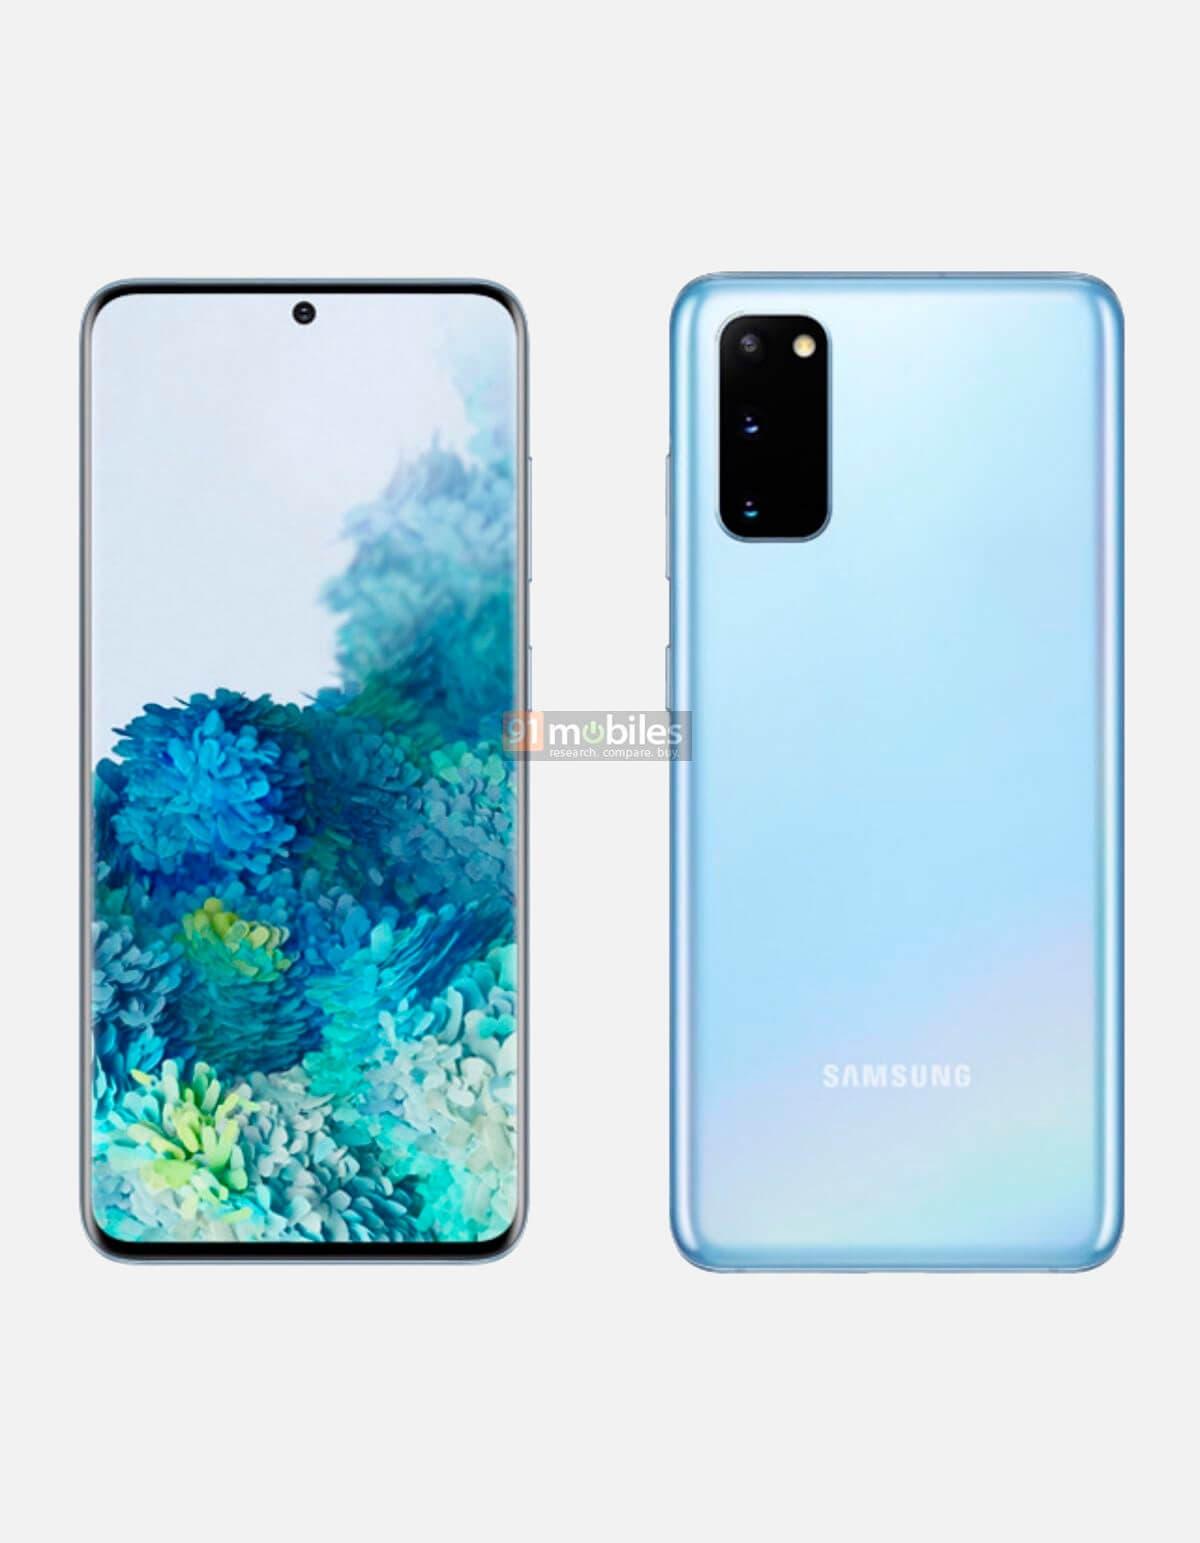 Filtran imágenes oficiales del nuevo Samsung Galaxy S20 Ultra